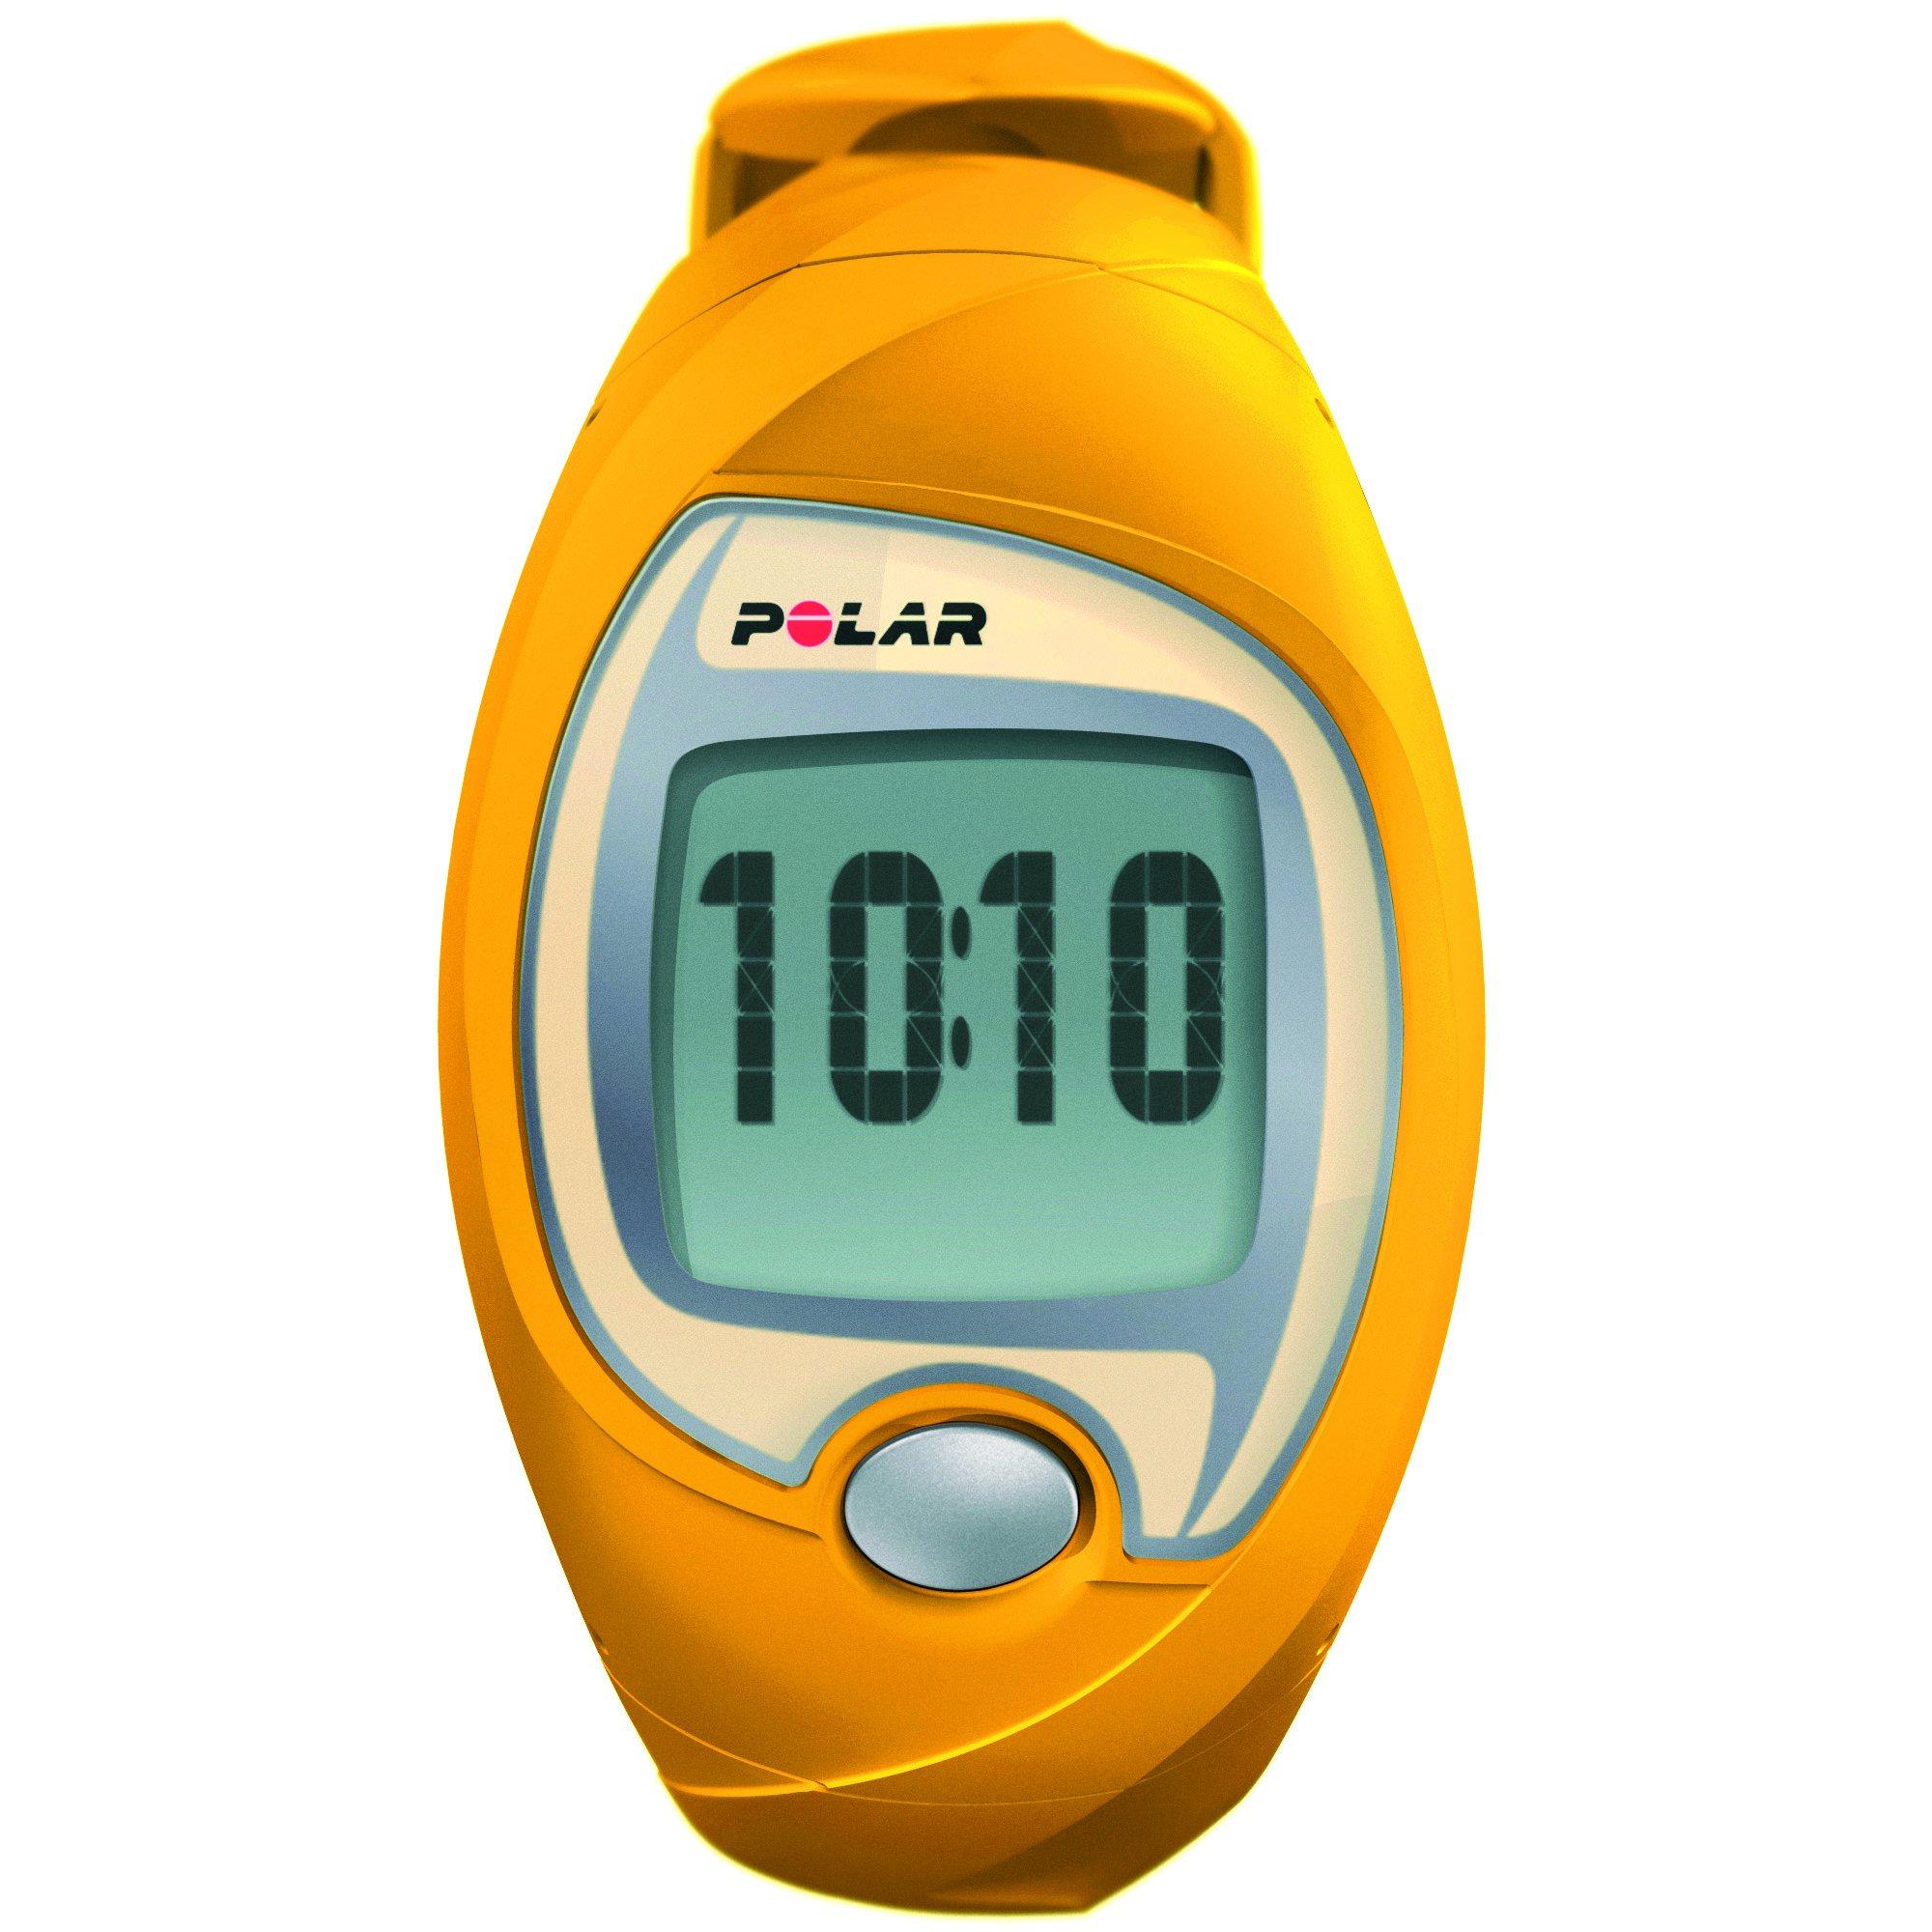 Polar FS1 Heart Rate Monitor